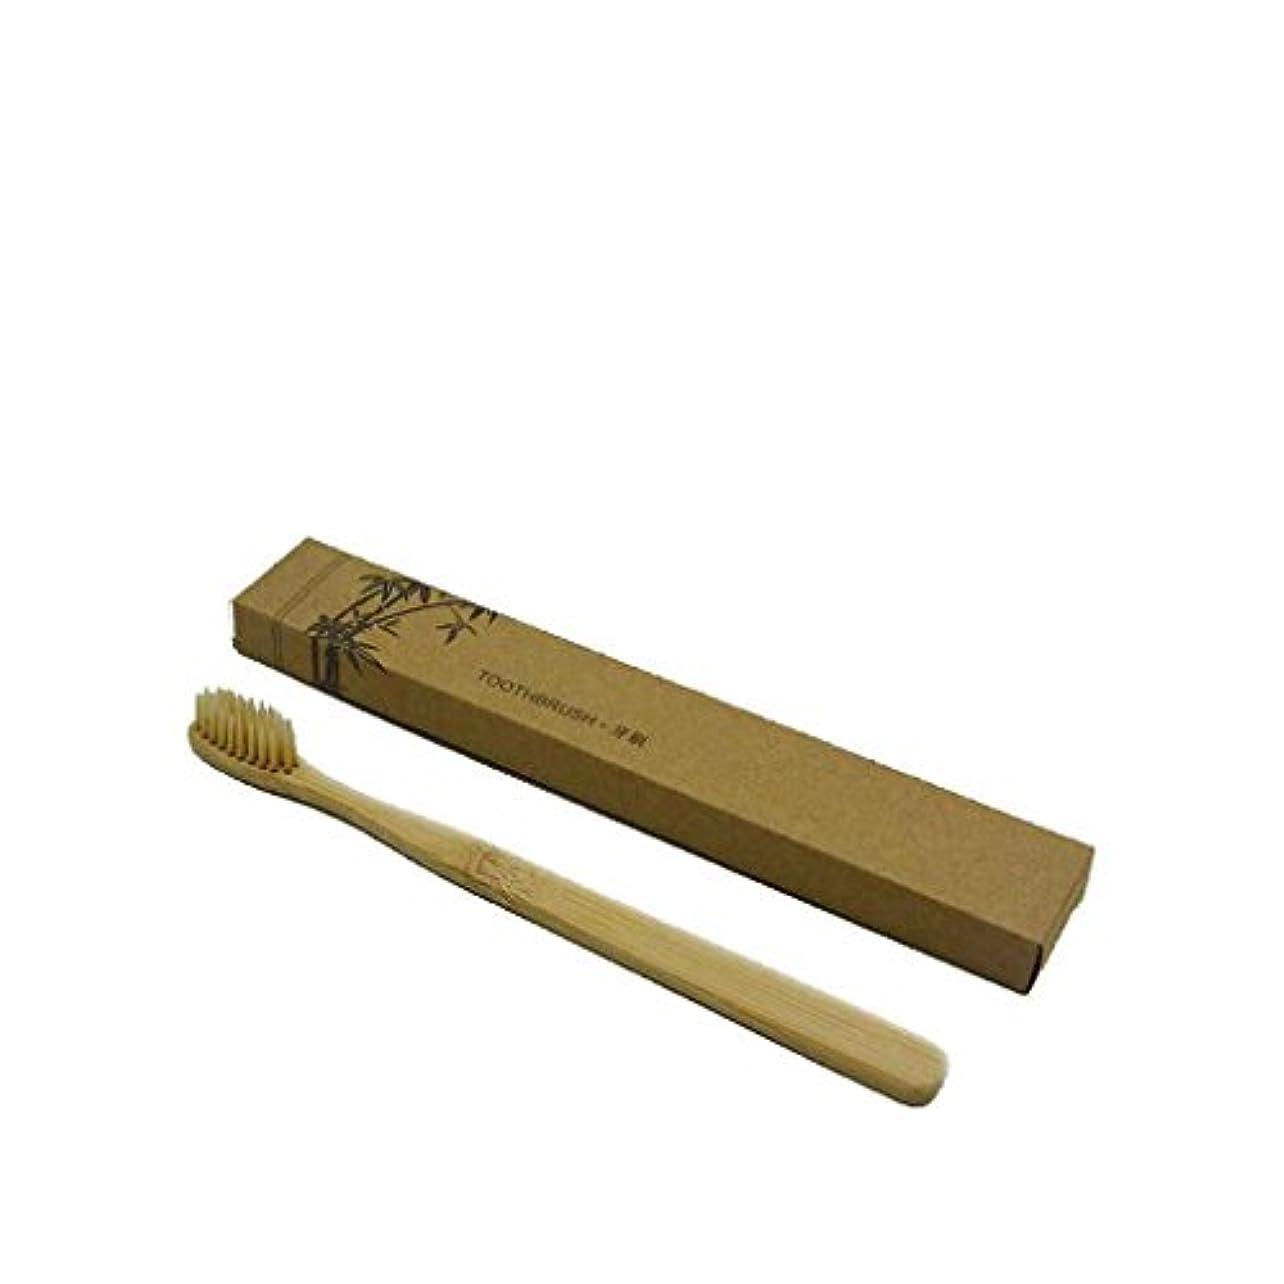 立場あらゆる種類の弱いLORIA?JP 竹の歯ブラシ 天然木 環境保護の歯ブラシ 柔らかい毛(ベージュ)